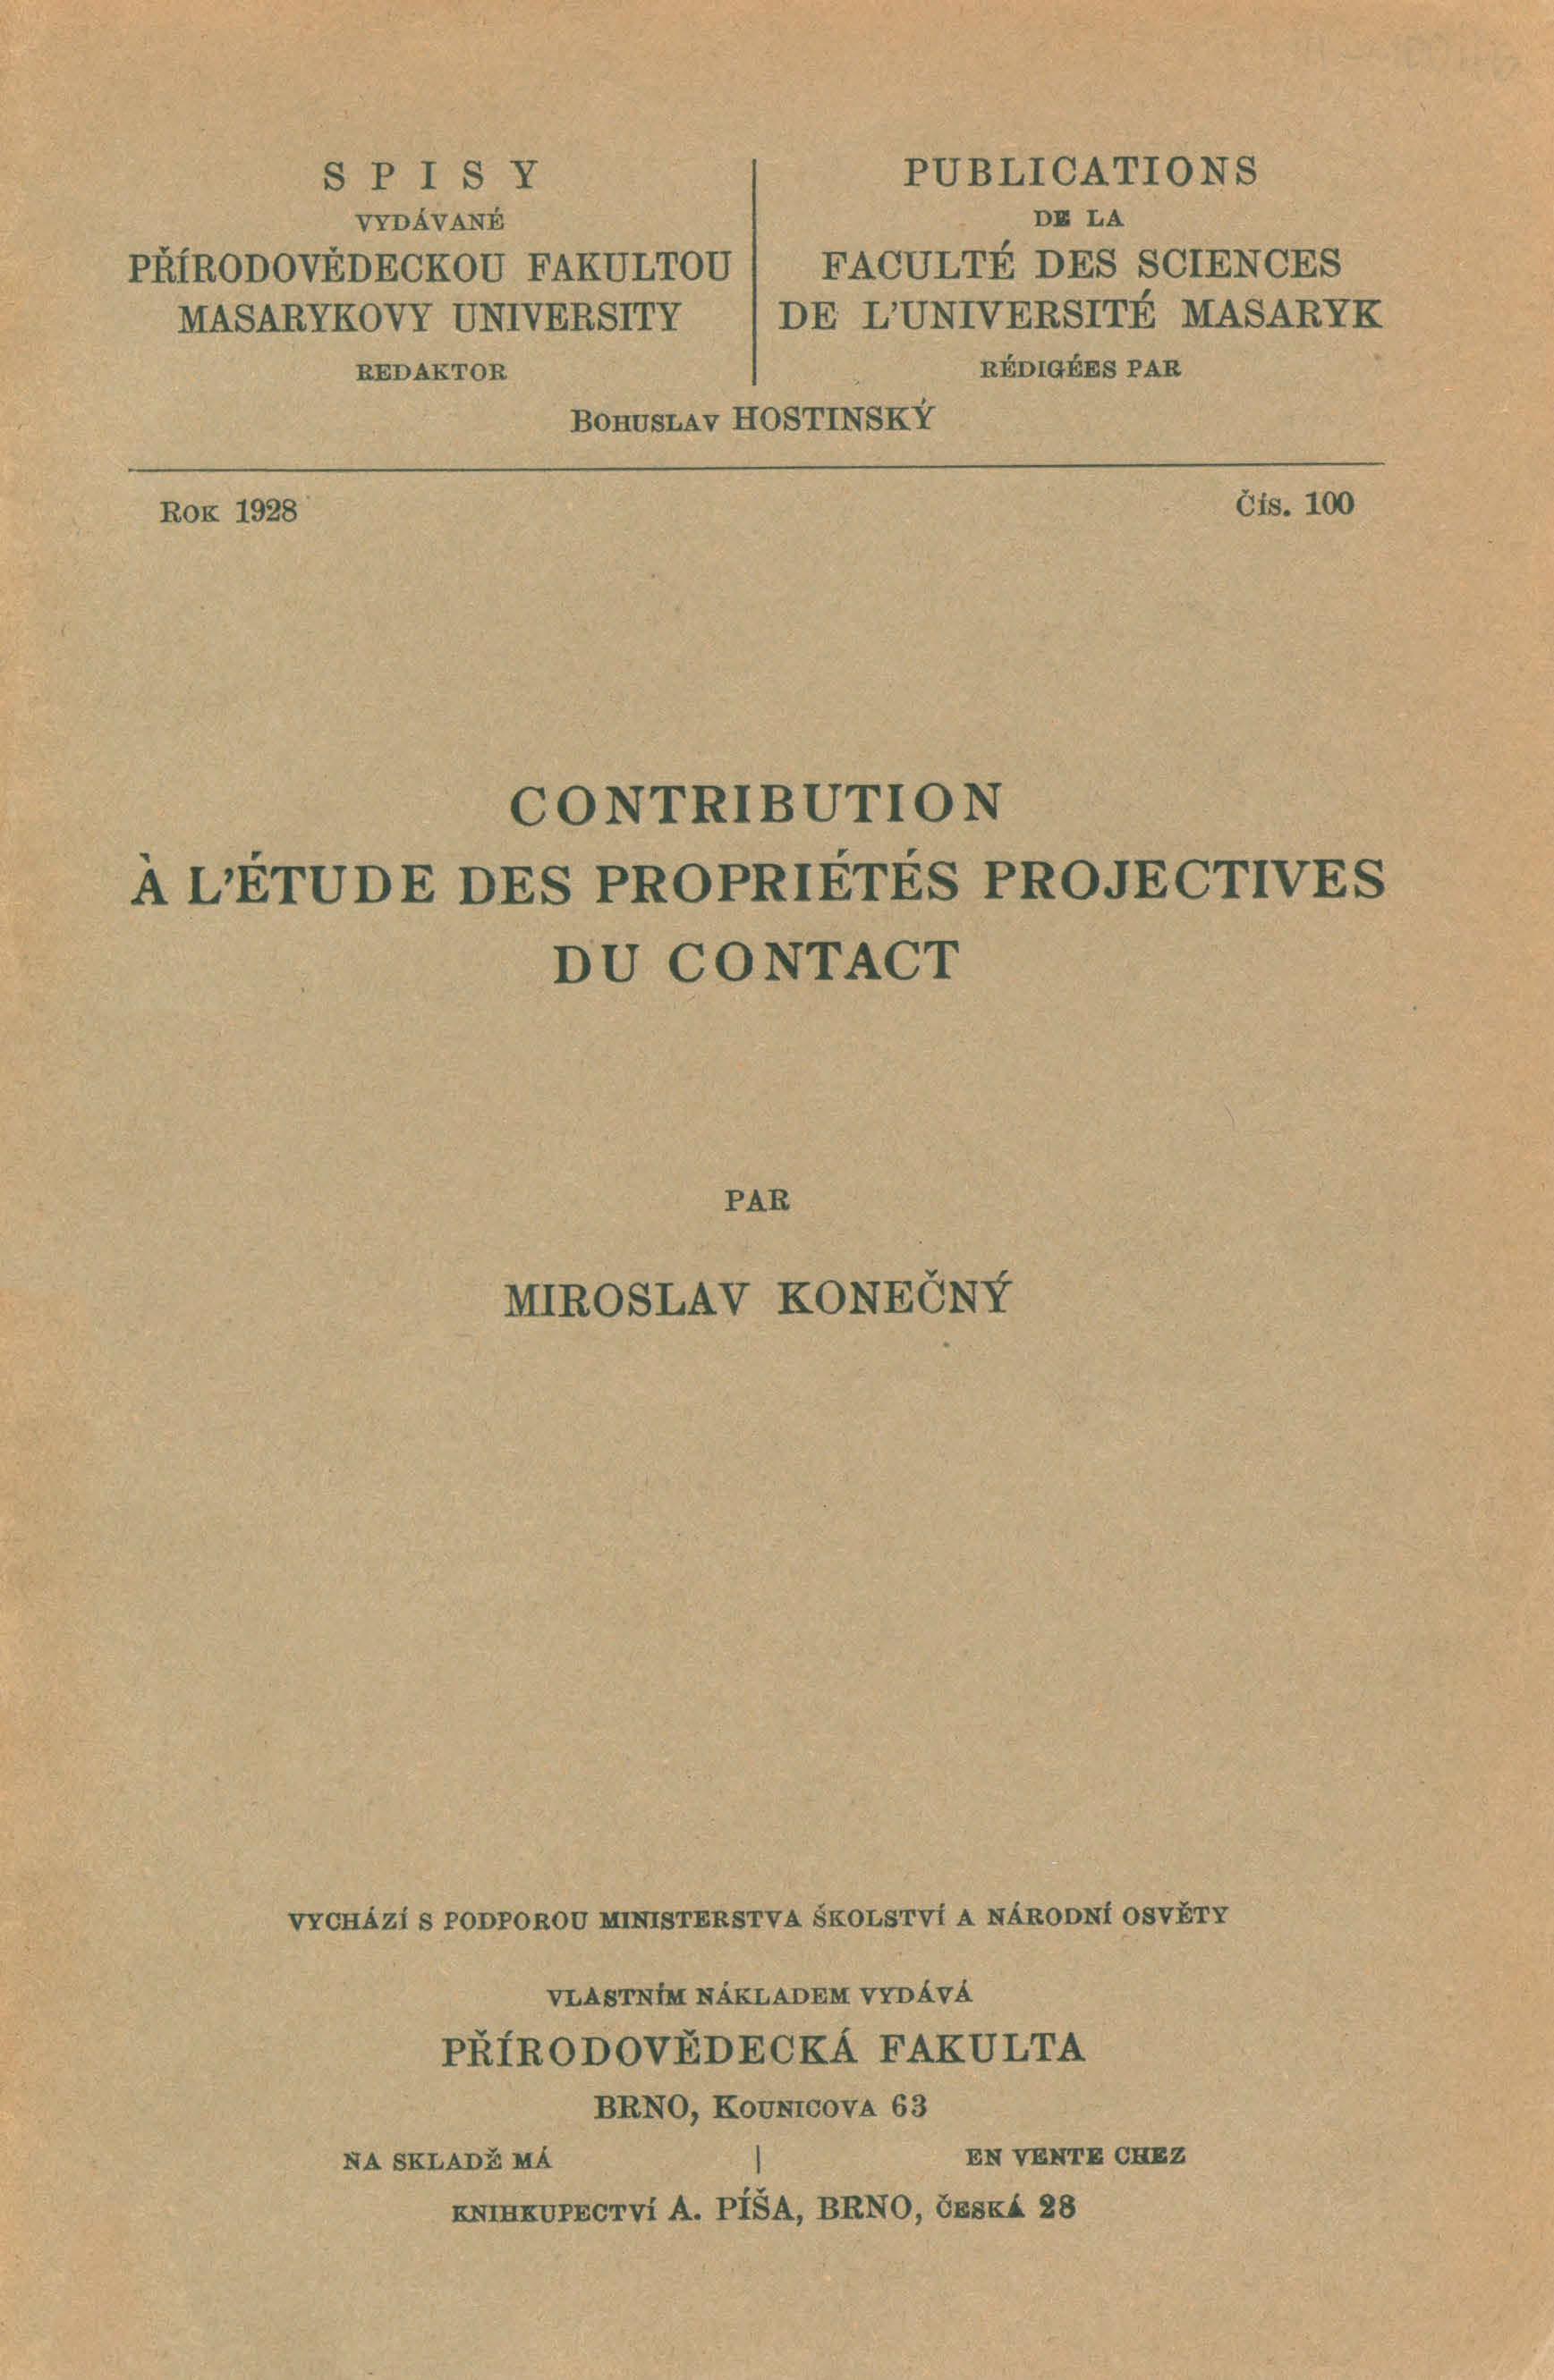 Obálka pro Contribution à l'étude des propriétés projectives du contact